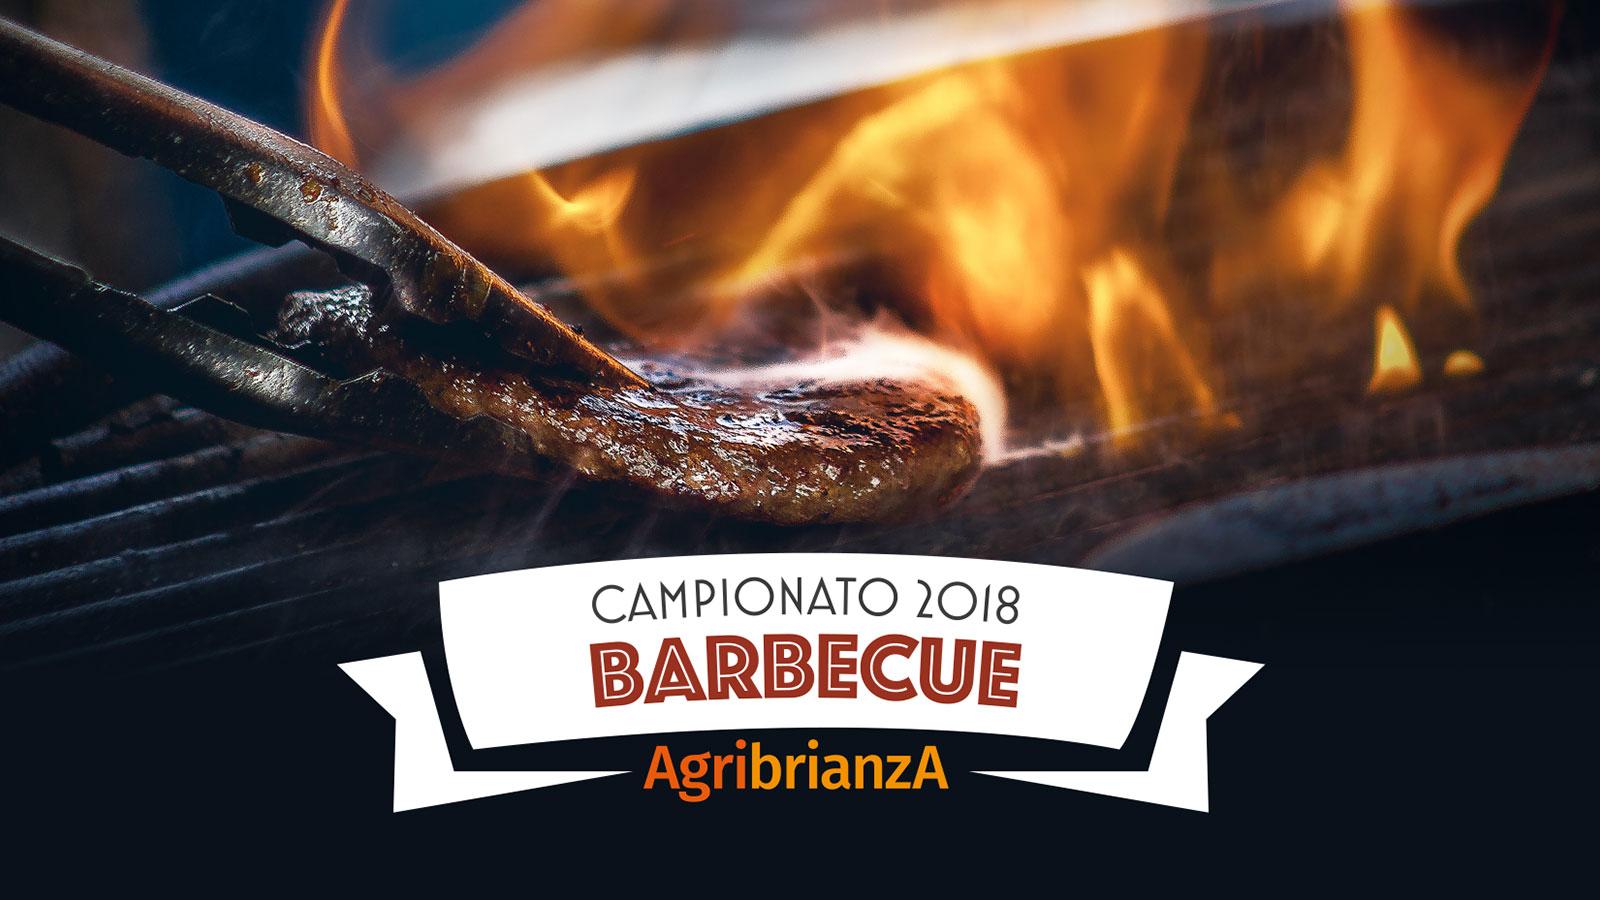 campionato bbq 2018 Agribrianza